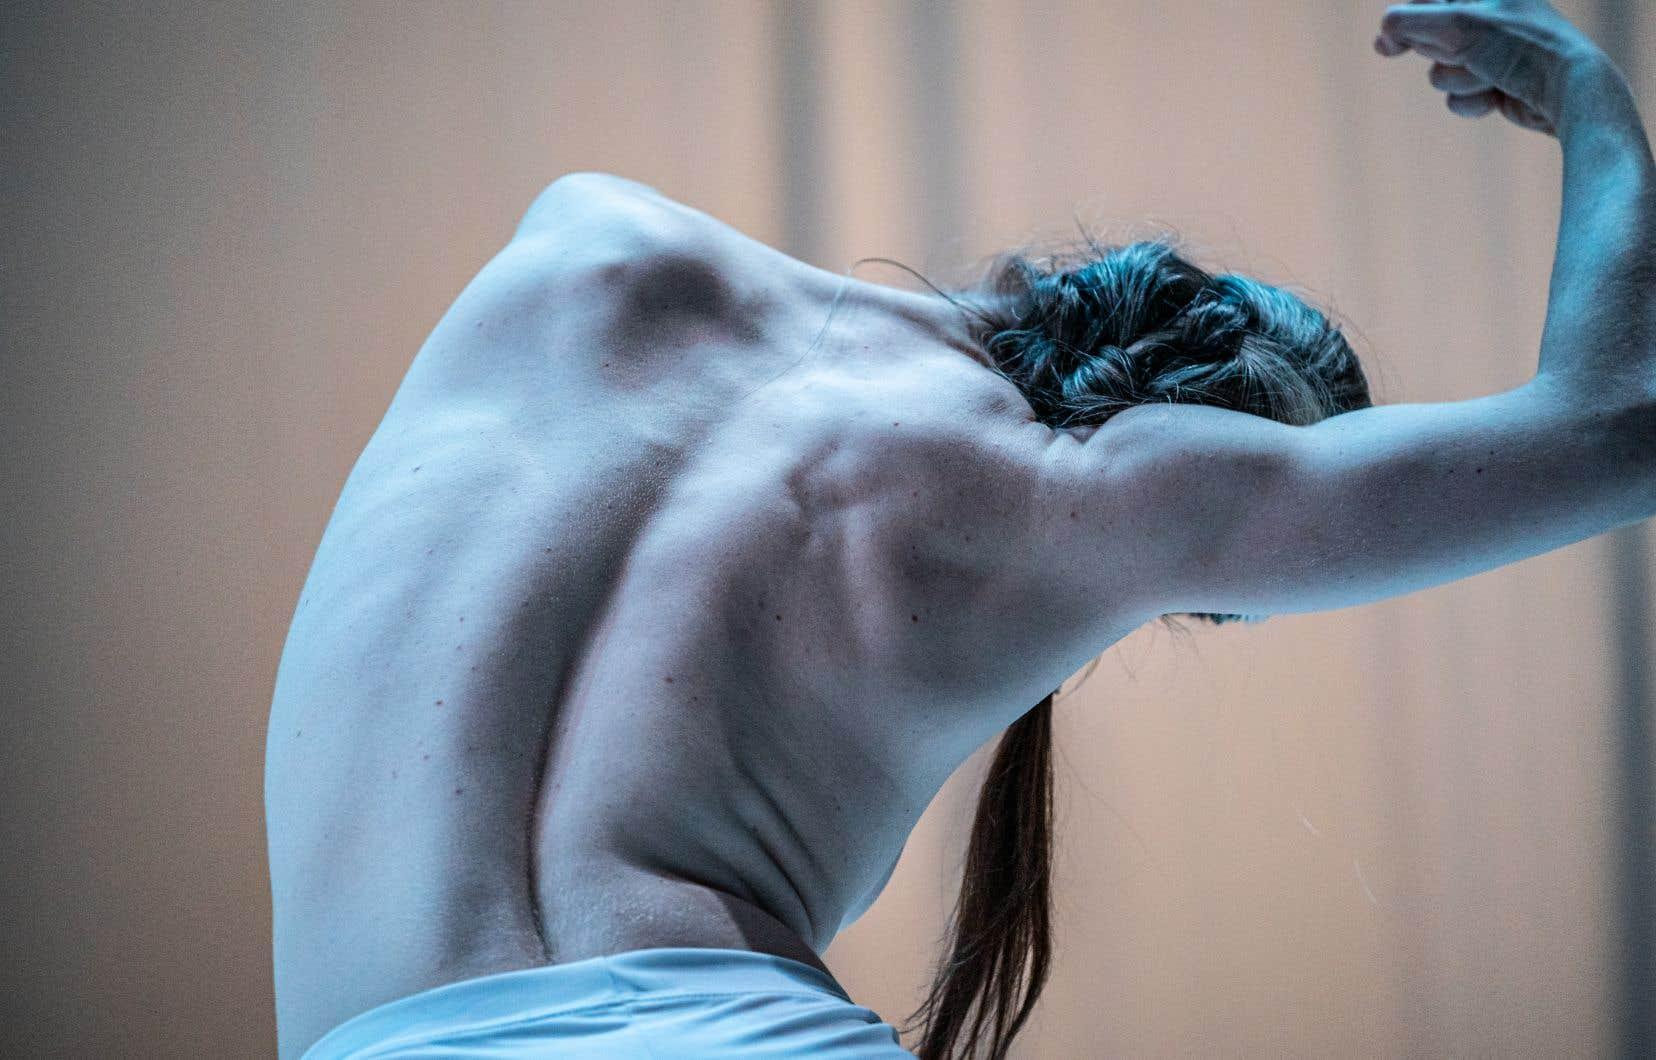 Dans «There she was» de Jane-Alison McKinney, la frontalité, l'éclairage, l'adresse directe au public, dirige notre regard vers elle, comme une opération de focalisation.